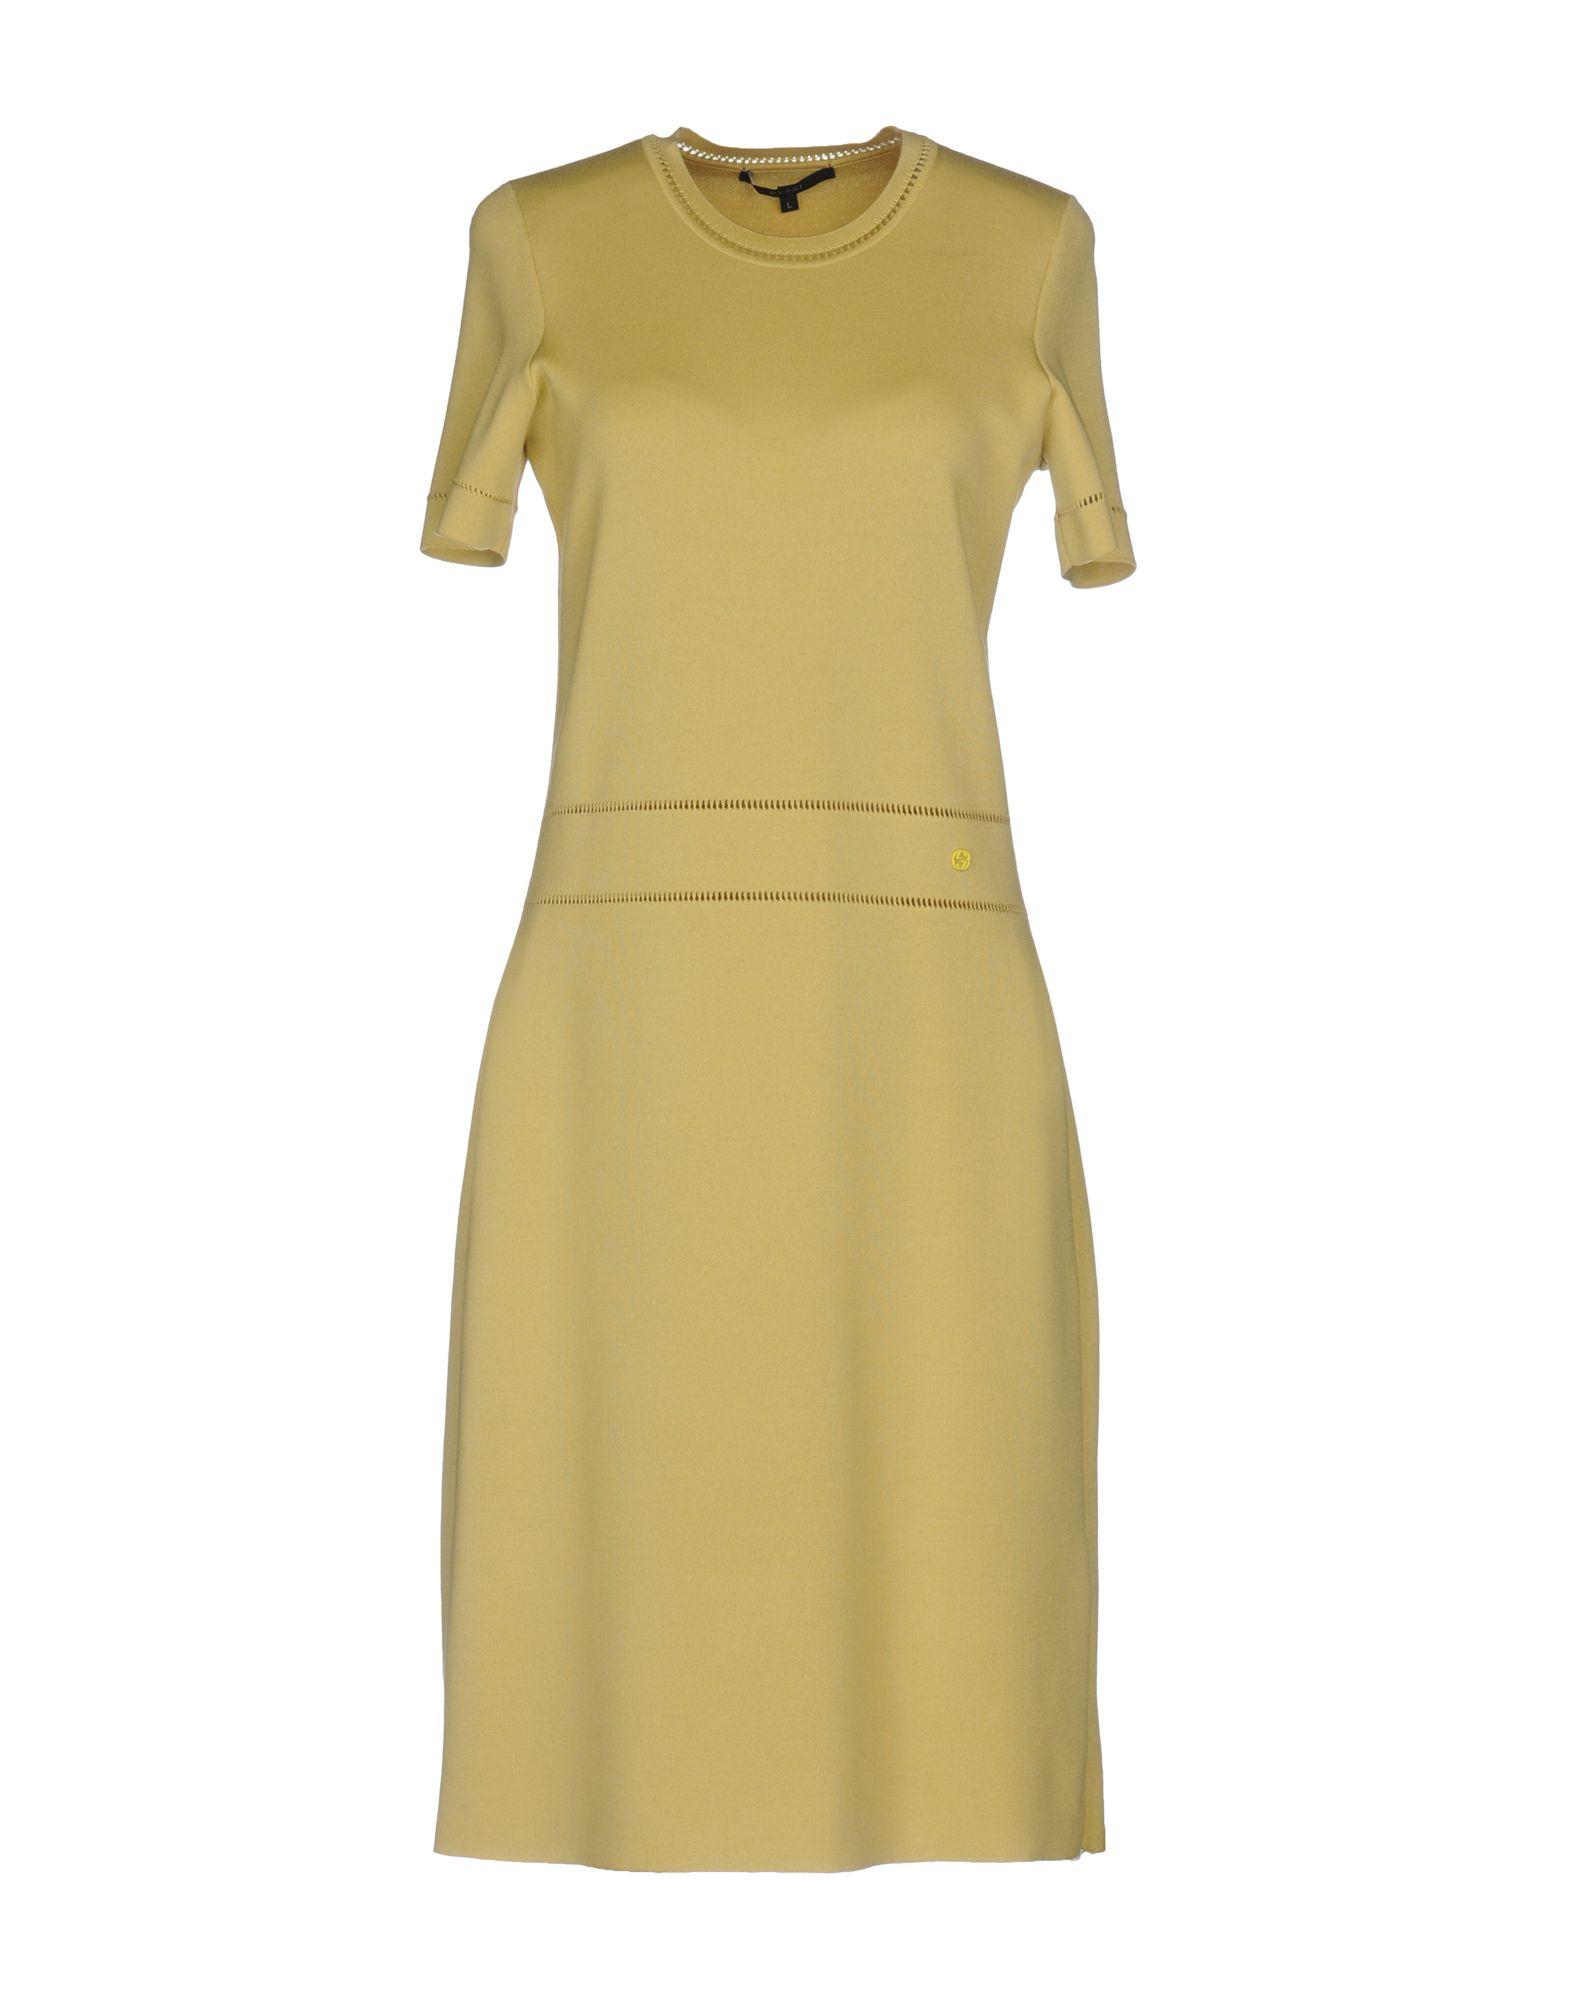 GUCCI Damen Knielanges Kleid Farbe Gelb Größe 6